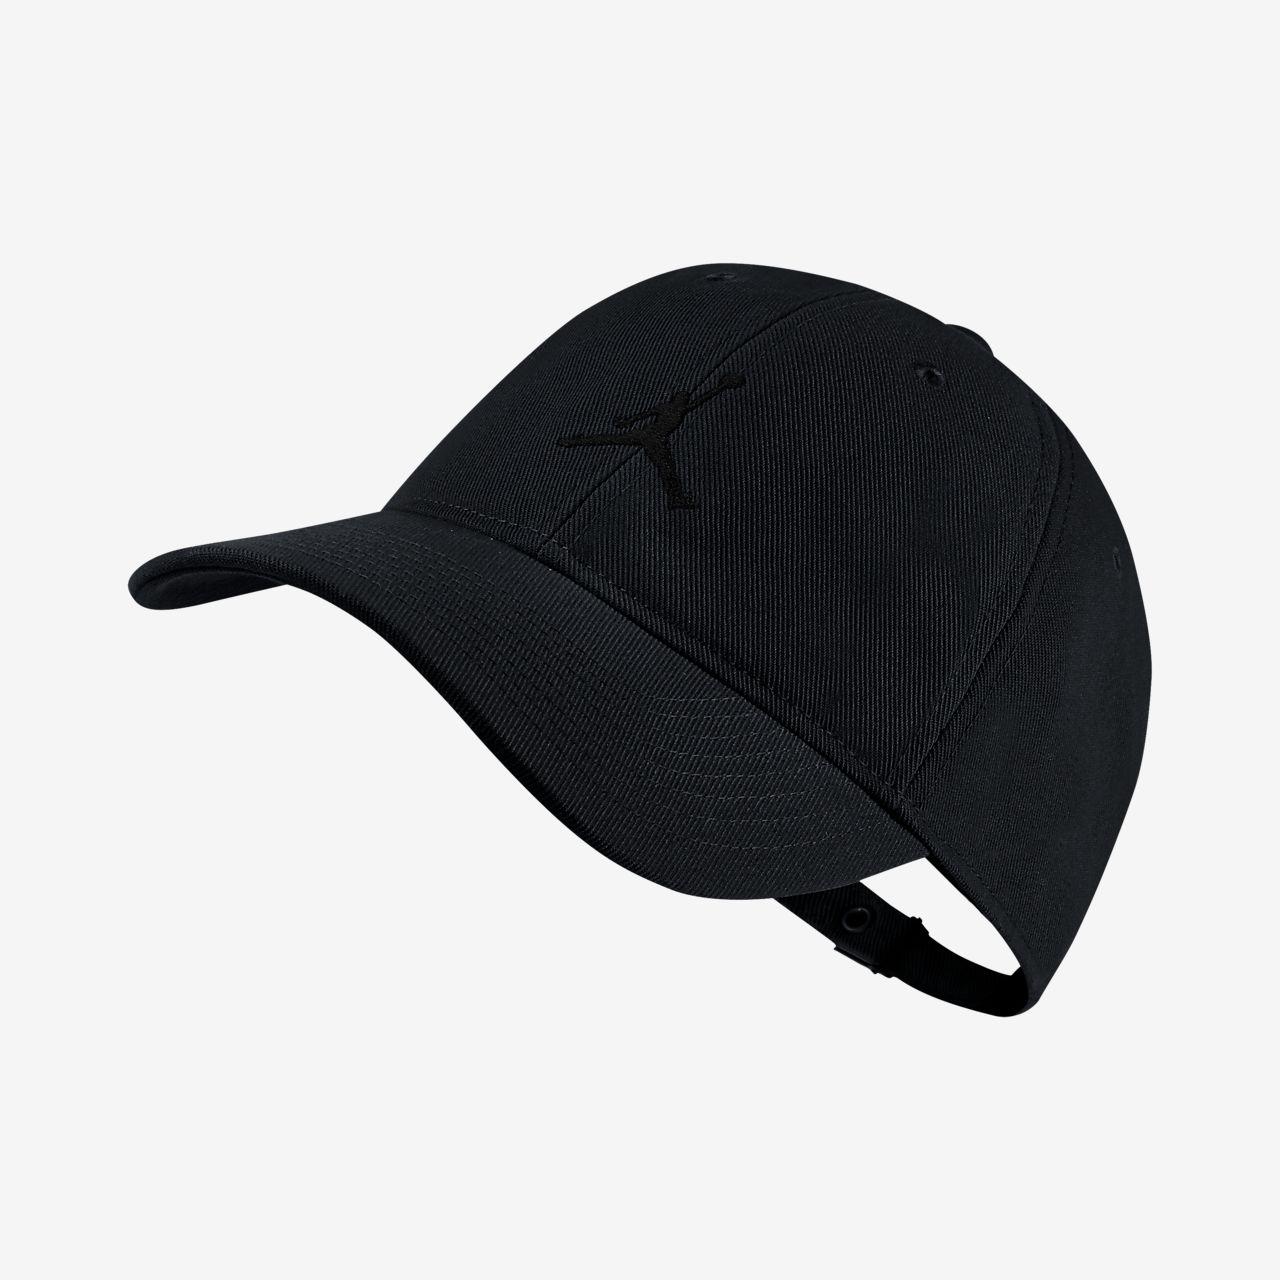 Acquista cappello jordan regolabile - OFF55% sconti 7fd39c5b1164